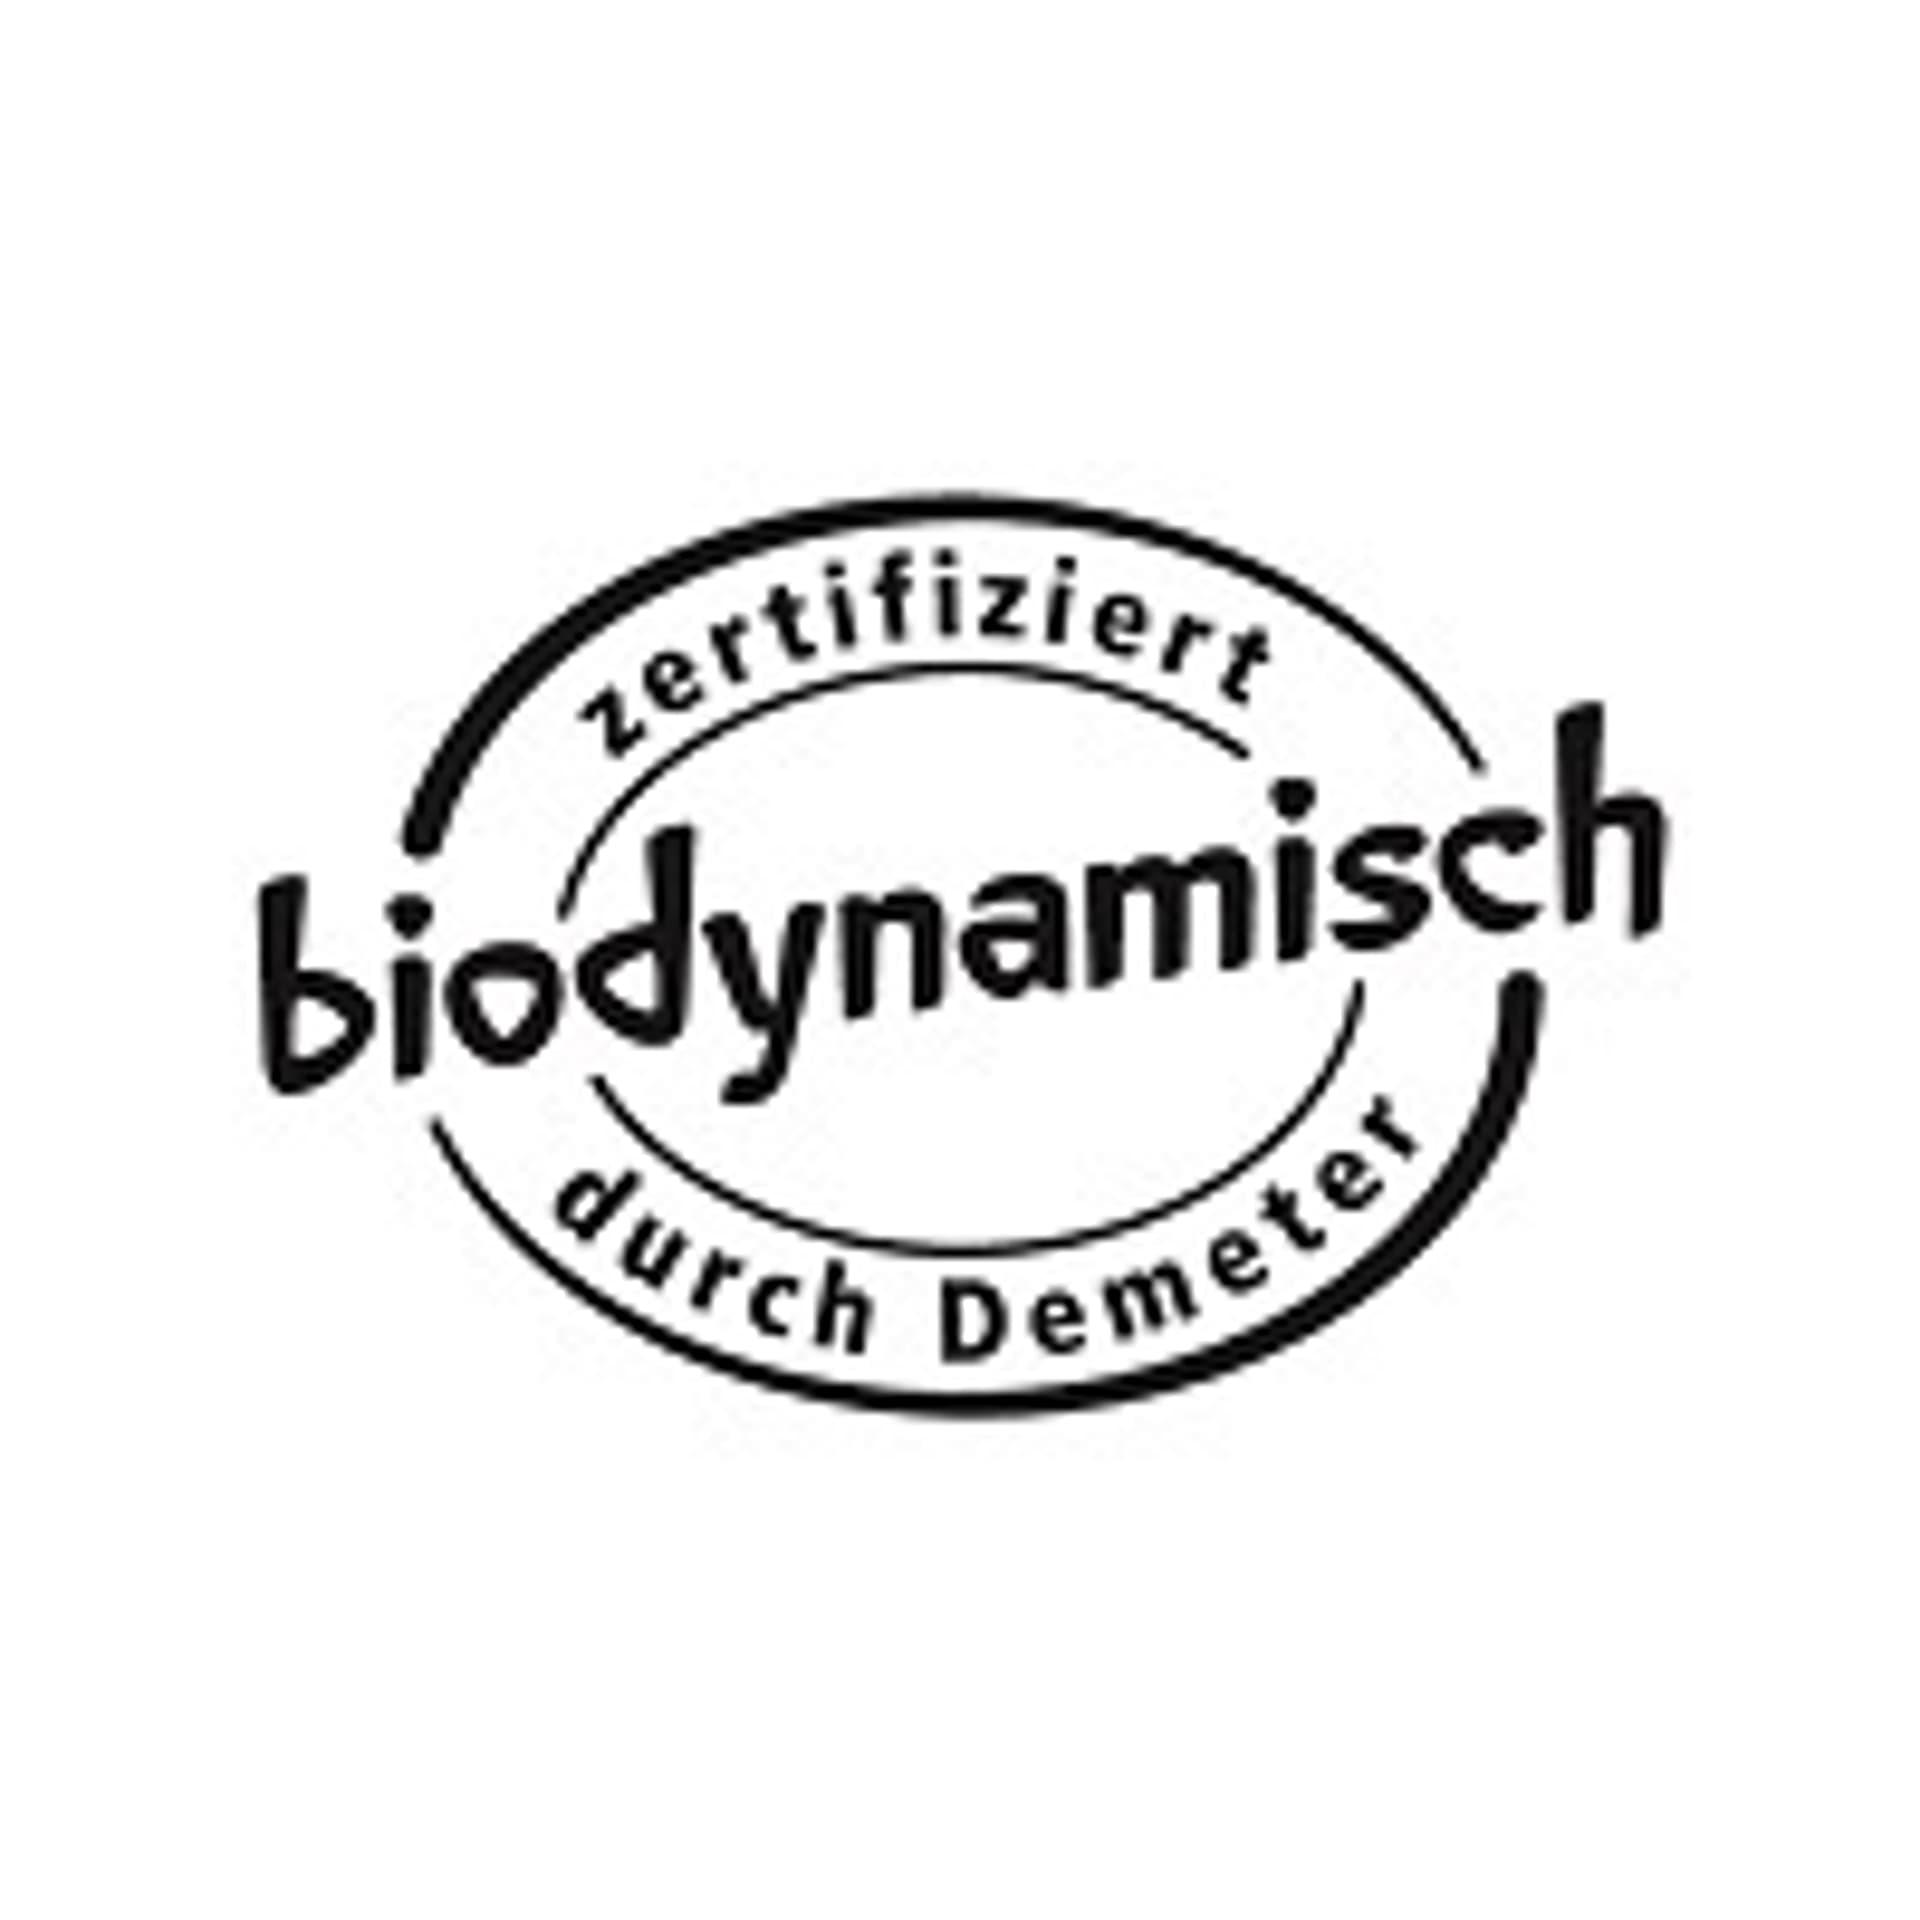 Biodynamisches Demeter Siegel fuer Handelsmarken